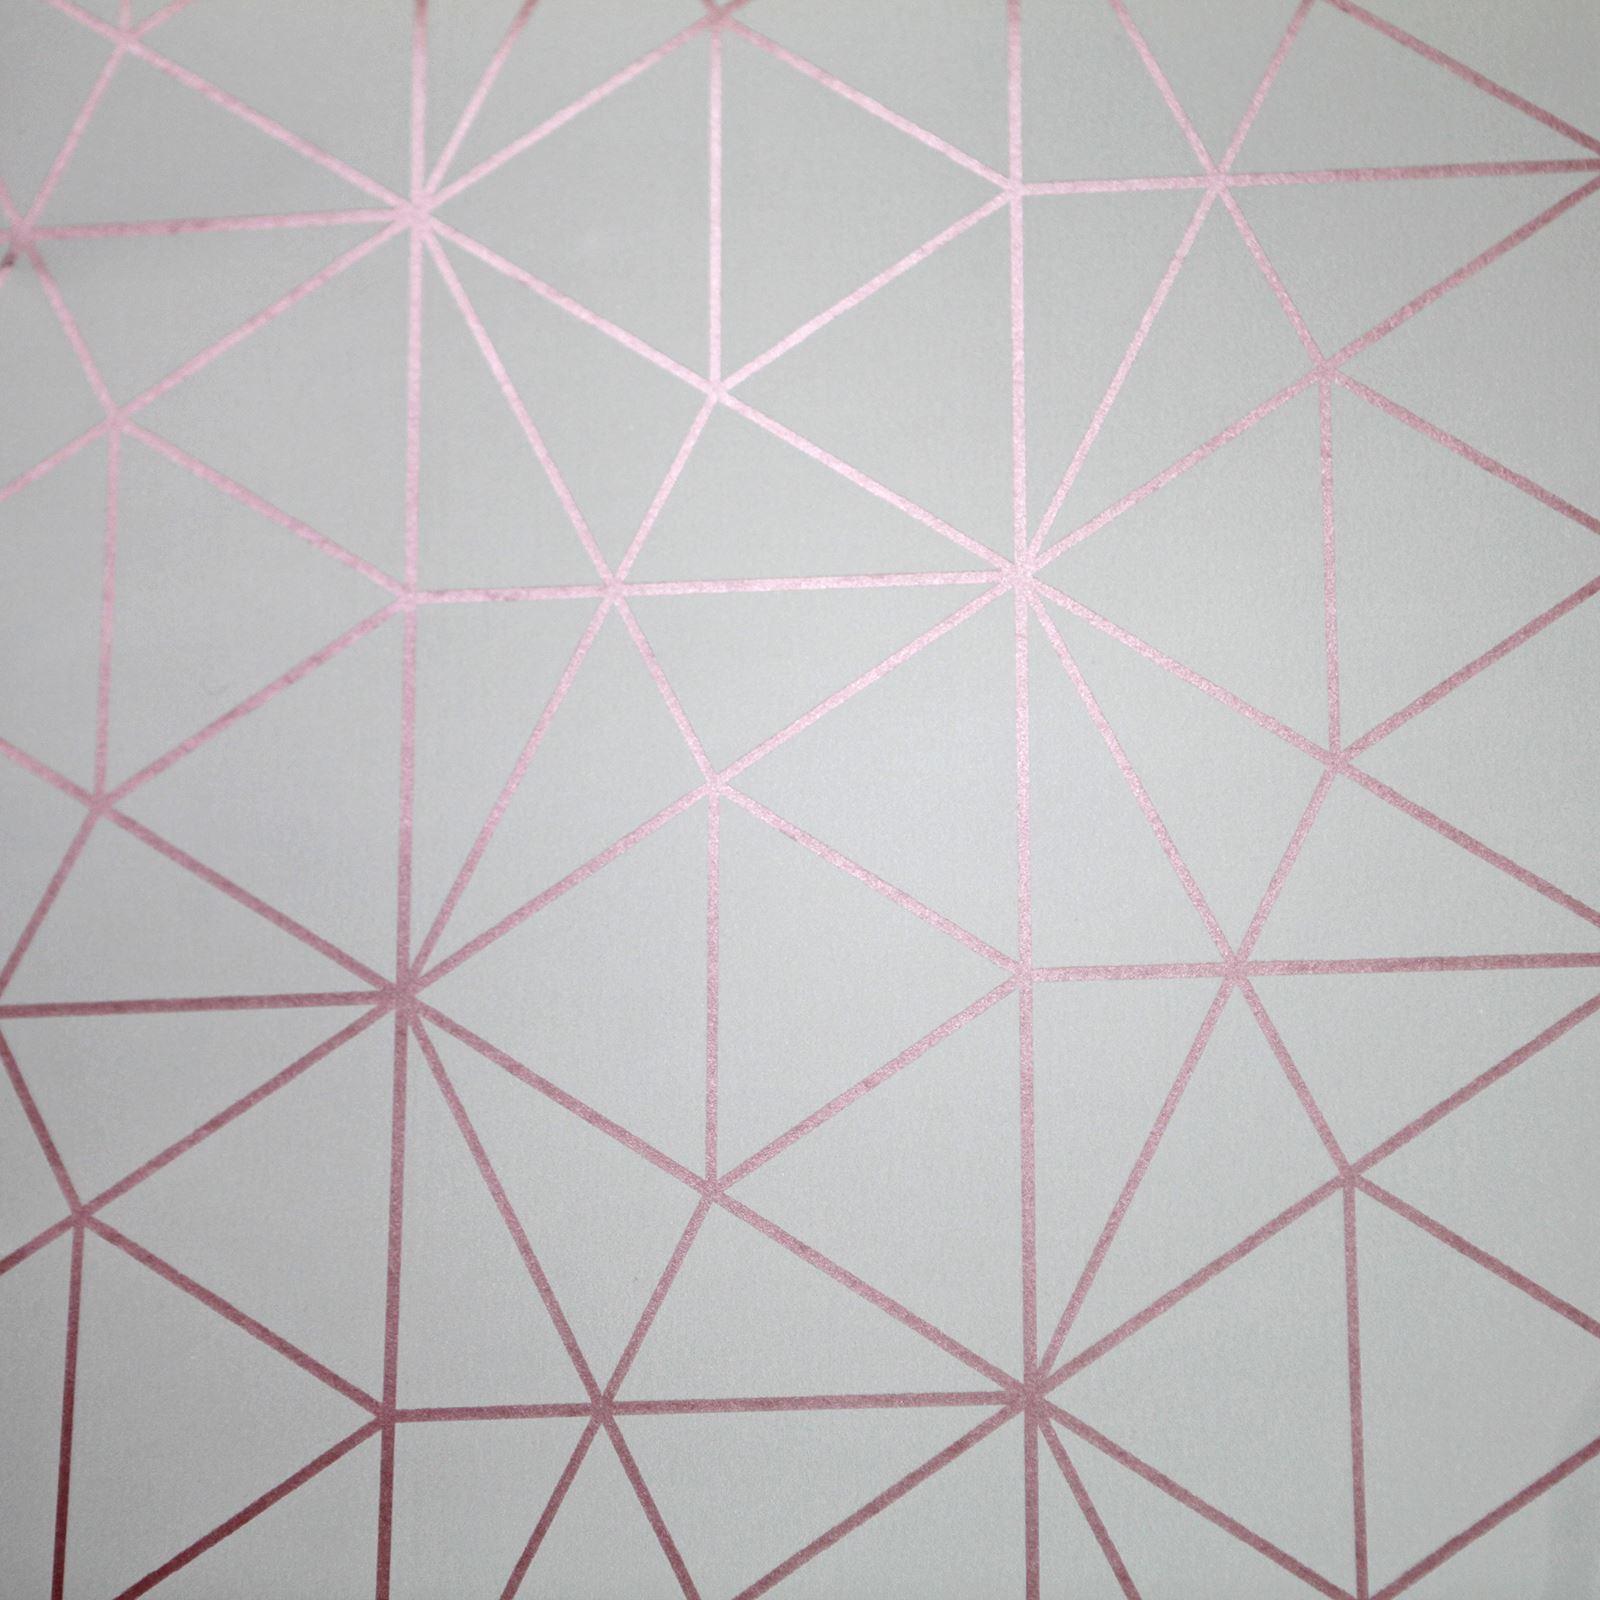 m tro prisme g om trique triangle papier peint gris dor. Black Bedroom Furniture Sets. Home Design Ideas